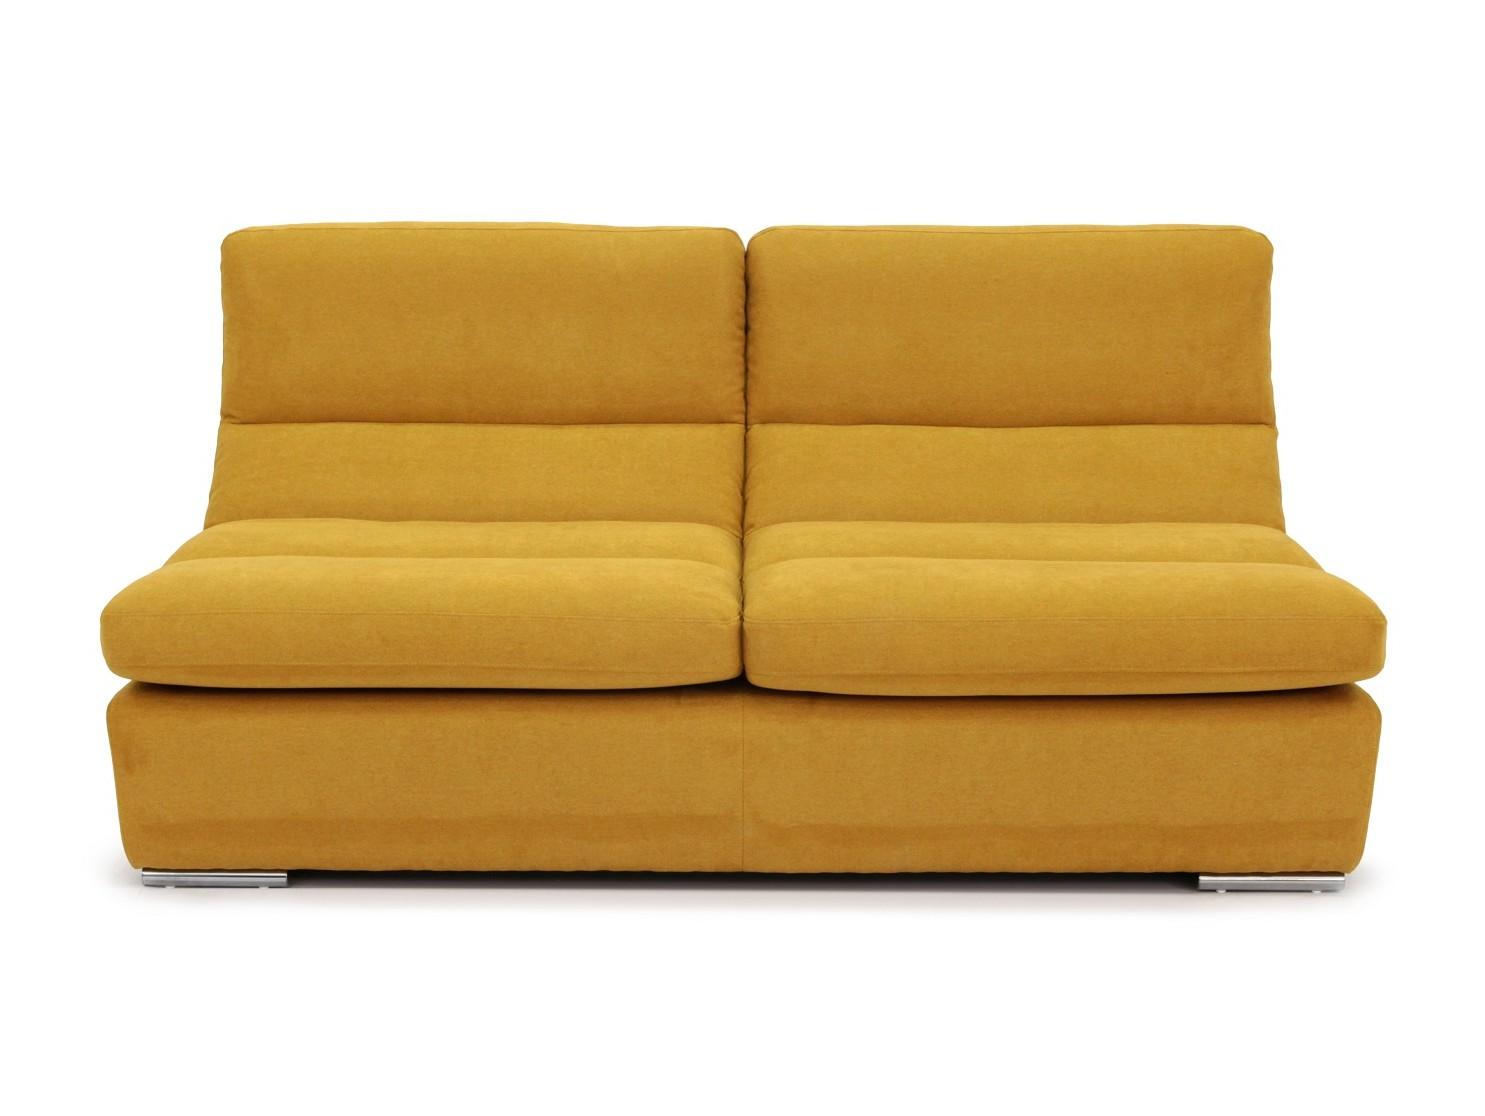 Диван ПалермоПрямые раскладные диваны<br>Модульный диван &amp;quot;Палермо&amp;quot; - это лучшее решение для тех, кто привык к максимальному комфорт и не готов идти на компромисс с другими вариантами. Уникальный состав наполнителя его сидений заставит Вас по новому пересмотреть значение слова &amp;quot;удобный&amp;quot;, а кажущаяся простота форм и варианты модулей помогут создать то жизненное пространство, которое подходит именно Вам!&amp;amp;nbsp;&amp;lt;div&amp;gt;&amp;lt;br&amp;gt;&amp;lt;/div&amp;gt;&amp;lt;div&amp;gt;Большой выбор обивочных тканей (подробности уточняйте у менеджера).&amp;lt;/div&amp;gt;<br><br>Material: Текстиль<br>Ширина см: 180<br>Высота см: 90<br>Глубина см: 110